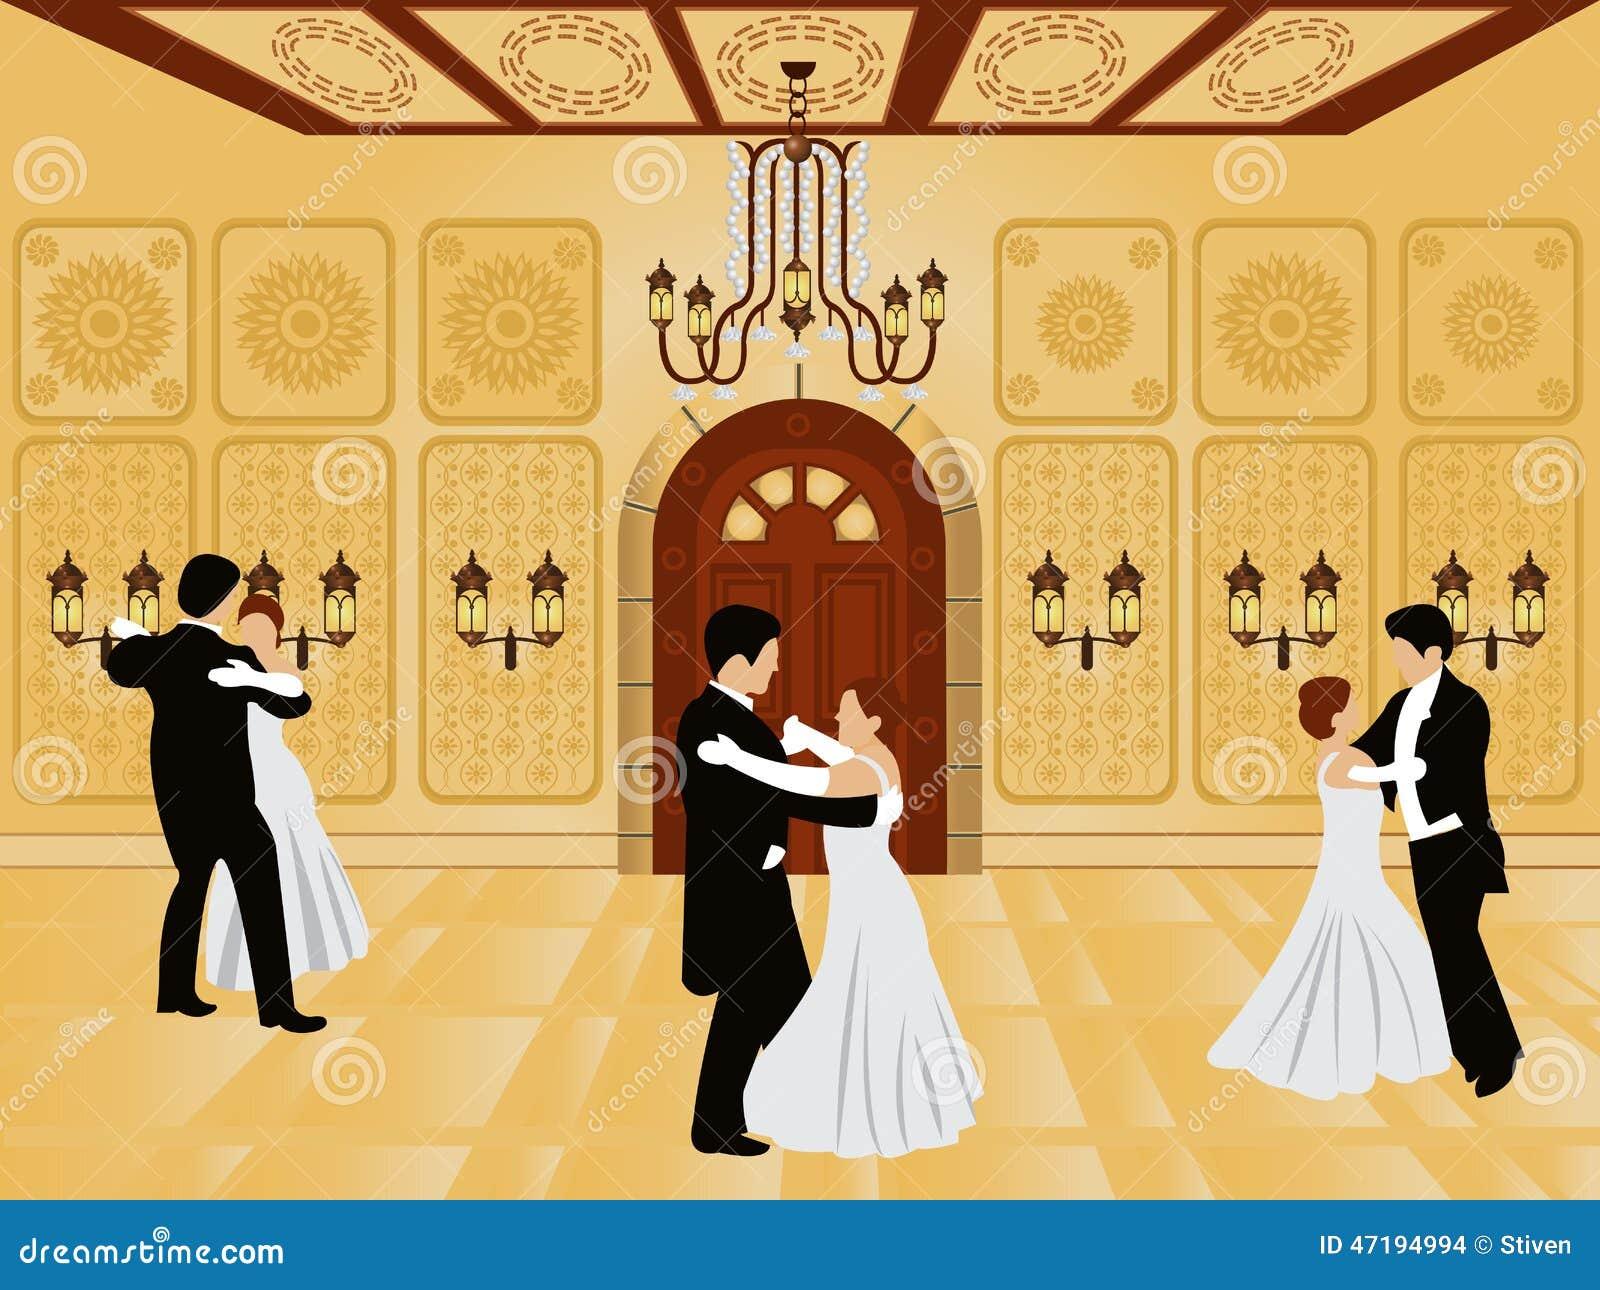 Cartoon Interior - Ballroom Stock Vector - Illustration of ...